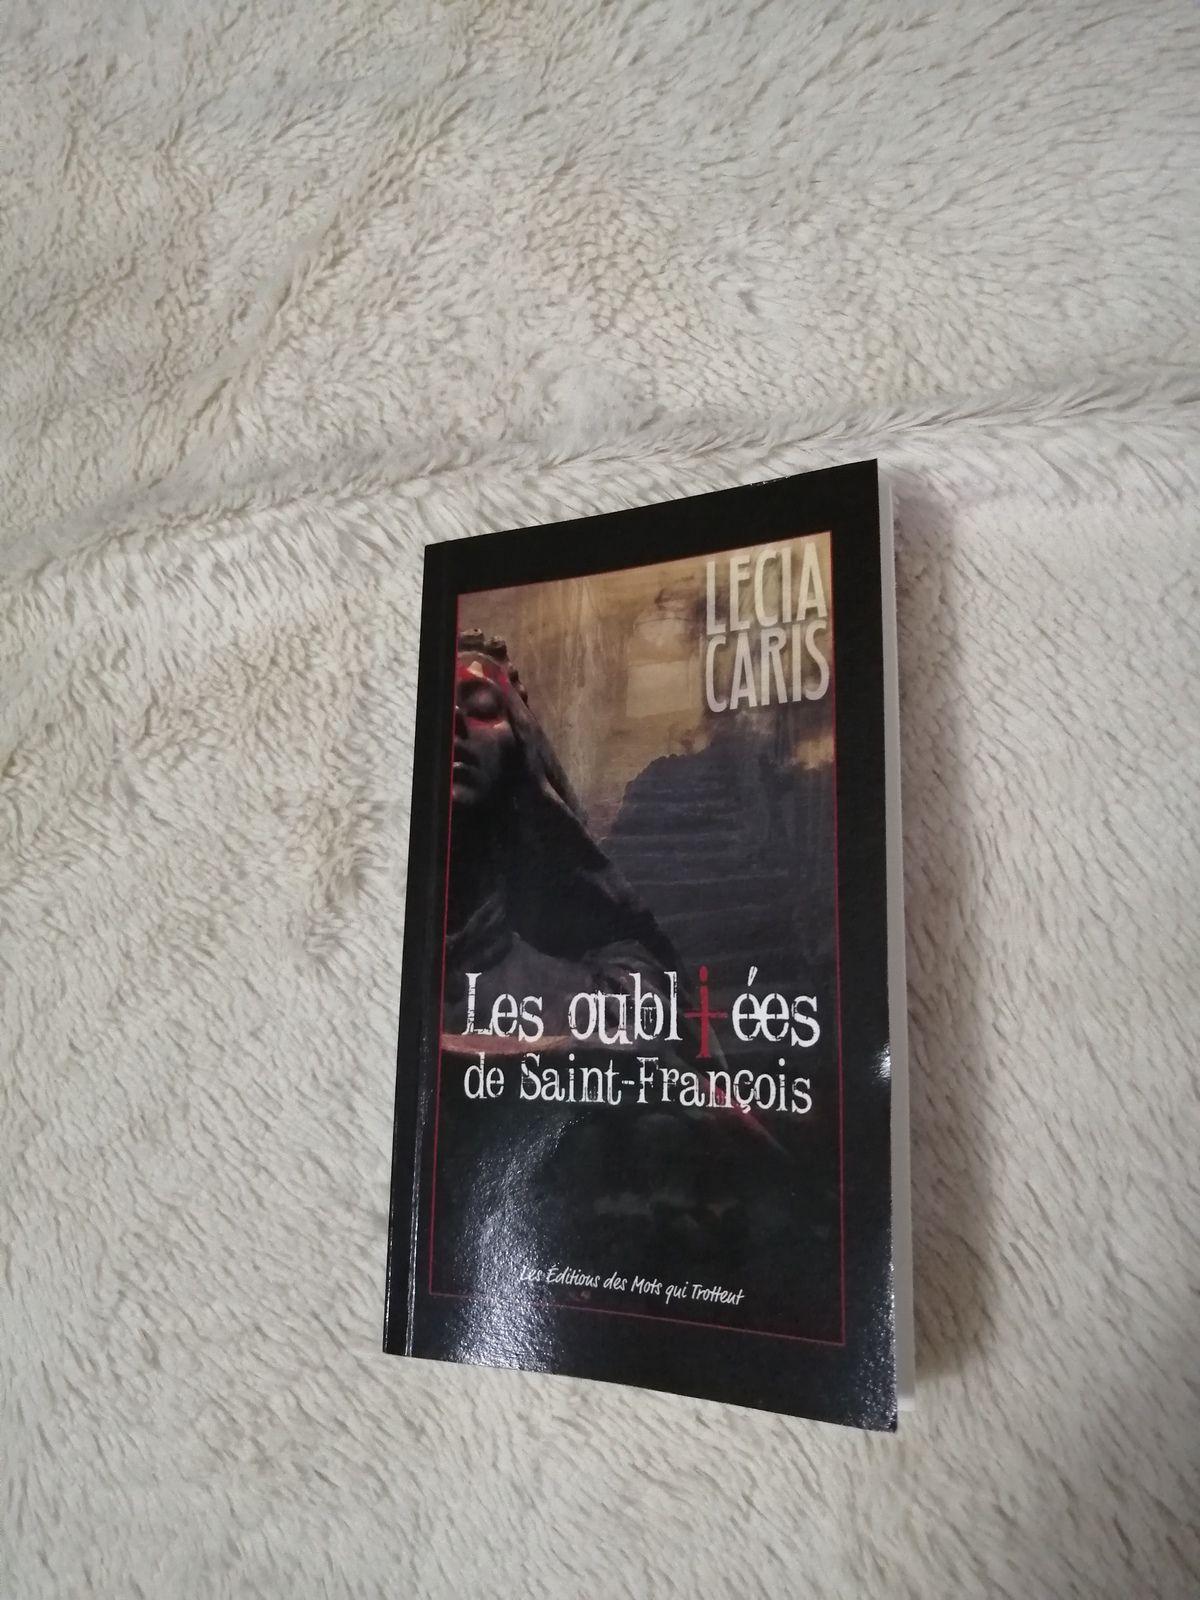 LES OUBLIEES DE SAINT-FRANCOIS de Lecia Caris